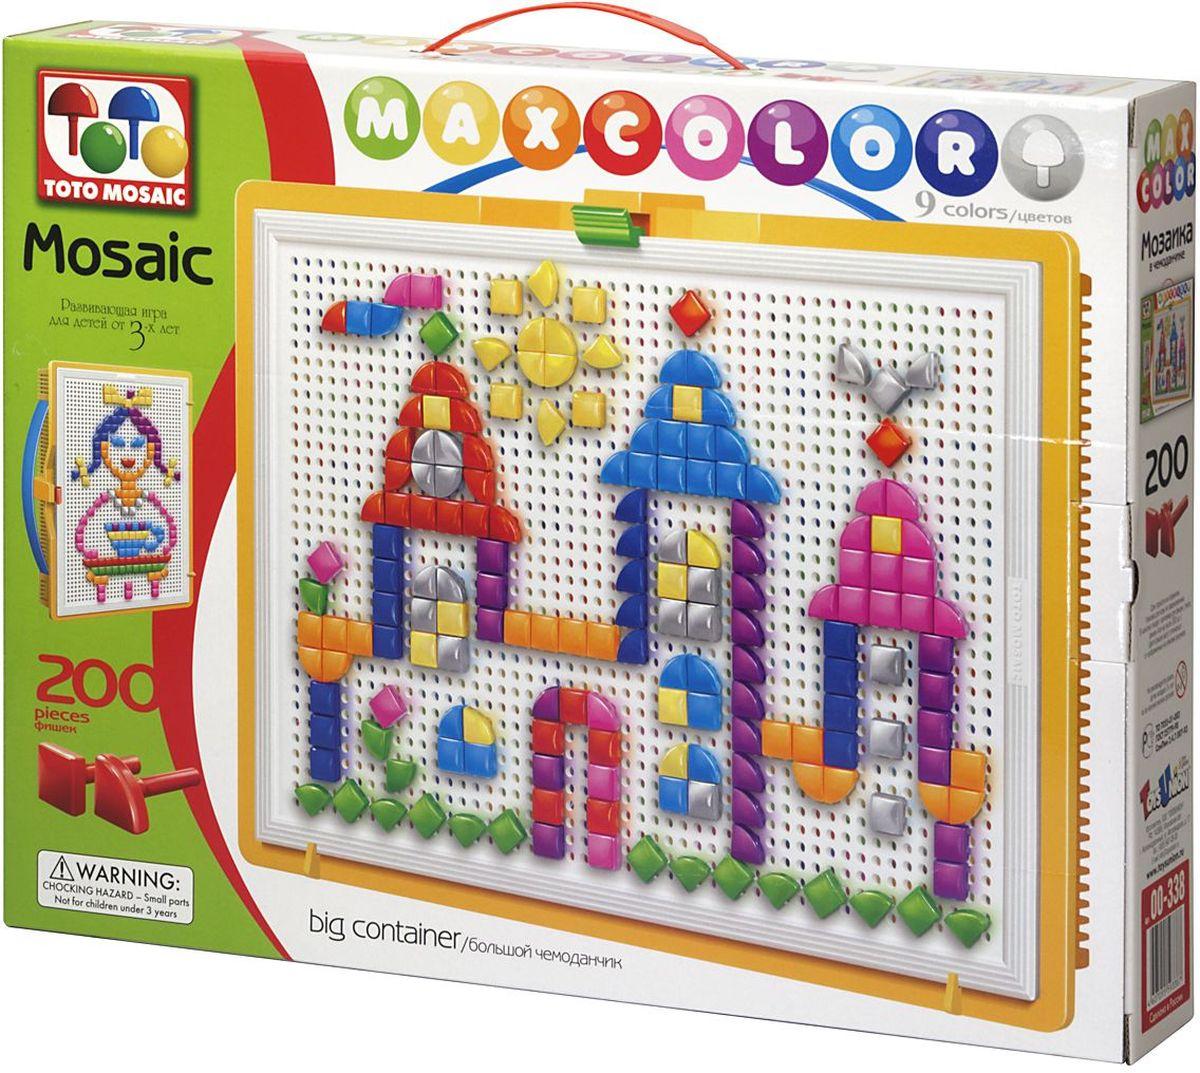 Toto Mosaic Мозаика Волшебный замок00-338Мозаика «MAXCOLOR» Big container- интересная, увлекательная игра для детей от 3х лет и старше. Она способствует развитию творческих способностей ребенка, его воображения, внимания, усидчивости, умению доводить начатое дело до конца, а так же координации и моторики движения рук. Все эти качества делают мозаику незаменимым пособием для успешной подготовки ребенка 3-5 лет к школе. Комплектация «MAXCOLOR» ФИШКИ Игра комплектуется фишками различного размера (o 20, o 15, o 10, o 5) округлой формы, которые удобно и приятно держать в руках, поэтому с ними справится даже самый крохотный малыш. Фишки o 20 рассчитаны на самых маленьких игроков. Так же, в этой серии имеются наборы, комплектуемые треугольными и квадратными фишками. Они рассчитаны на детей постарше. ПЛАТА Все фишки легко крепятся и легко снимаются с игрового поля – платы, которая позволяет малышу не ограничивать свои движения при складывании мозаики. Её оригинальная конструкция предотвращает...